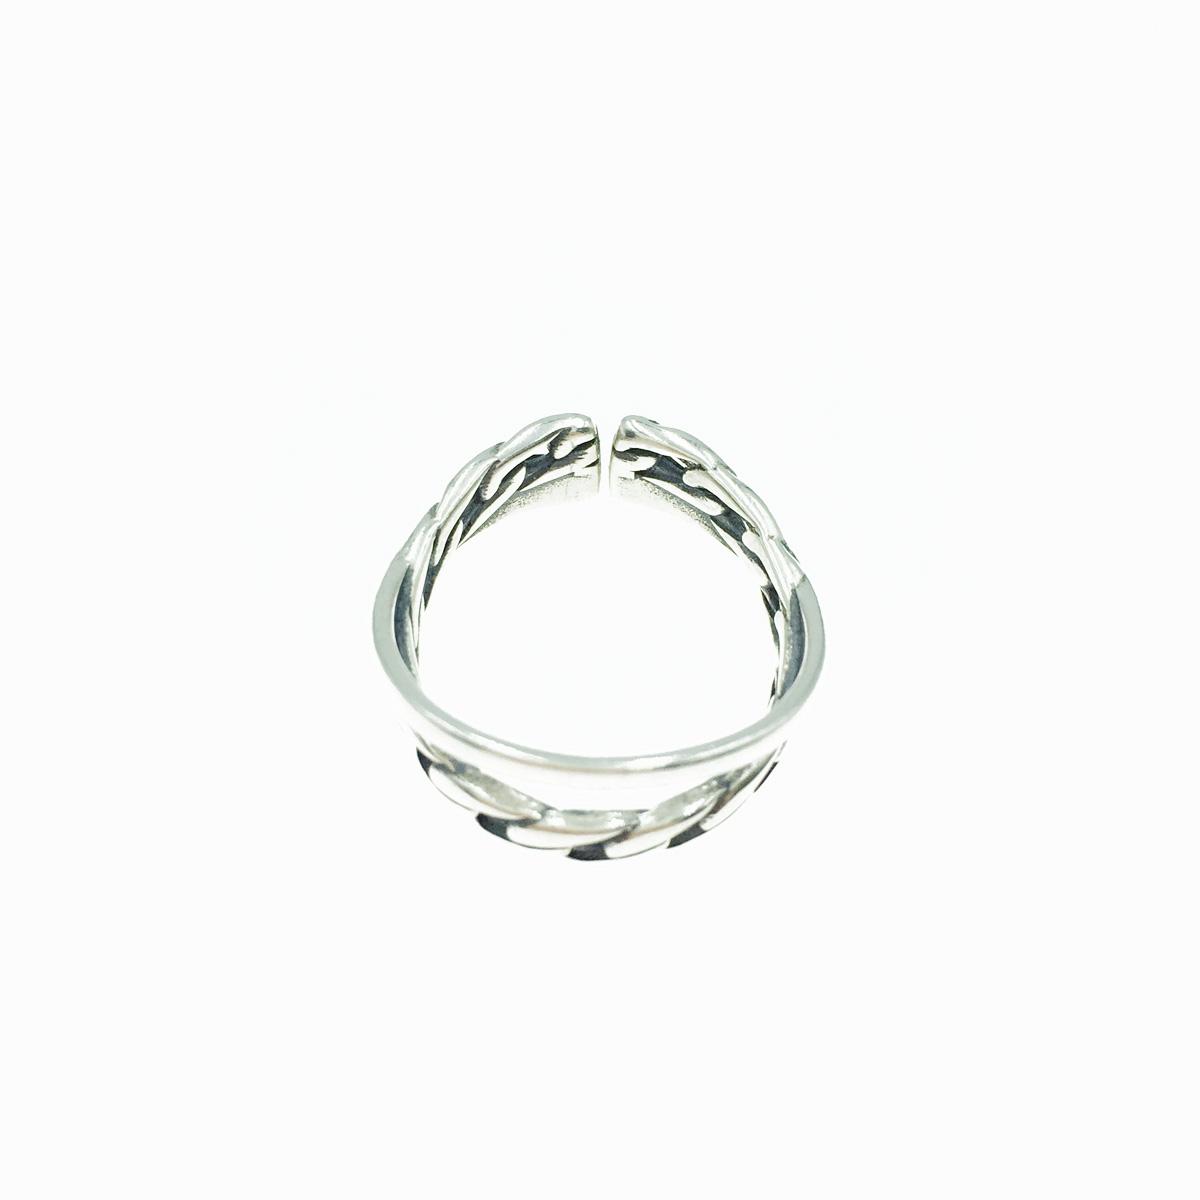 韓國 925純銀 交錯 歐美金屬 個性款 可調式 戒指